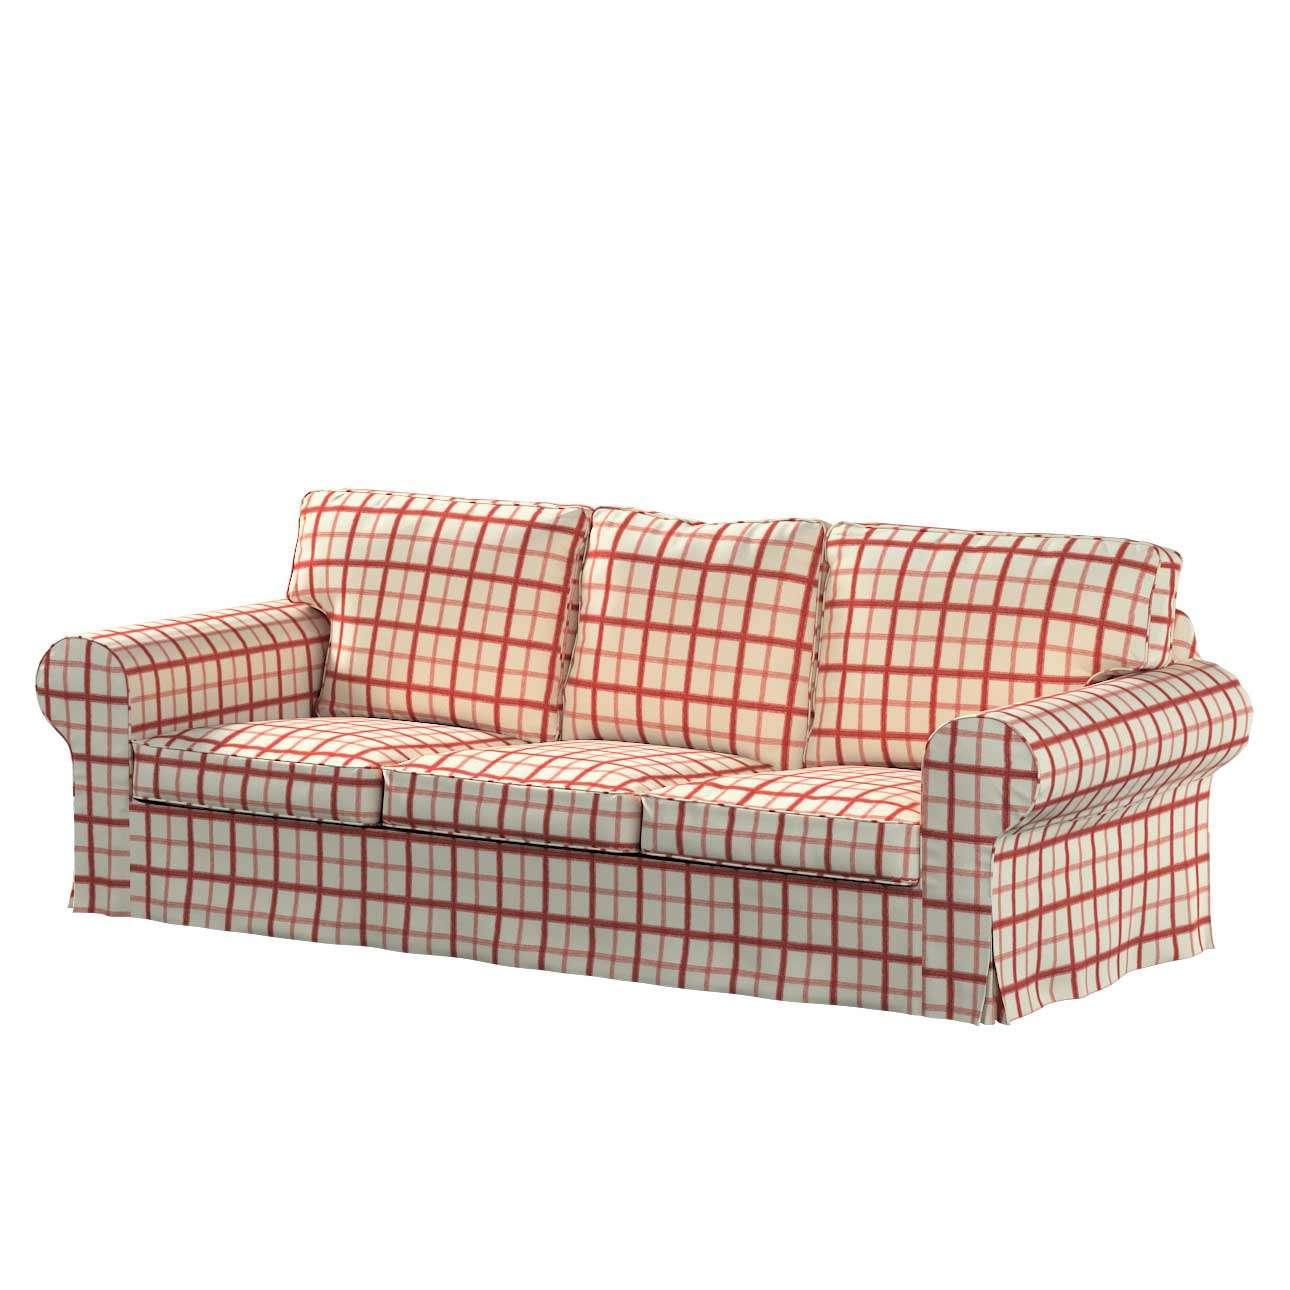 Ektorp 3 sæder Betræk uden sofa fra kollektionen Avinon, Stof: 131-15